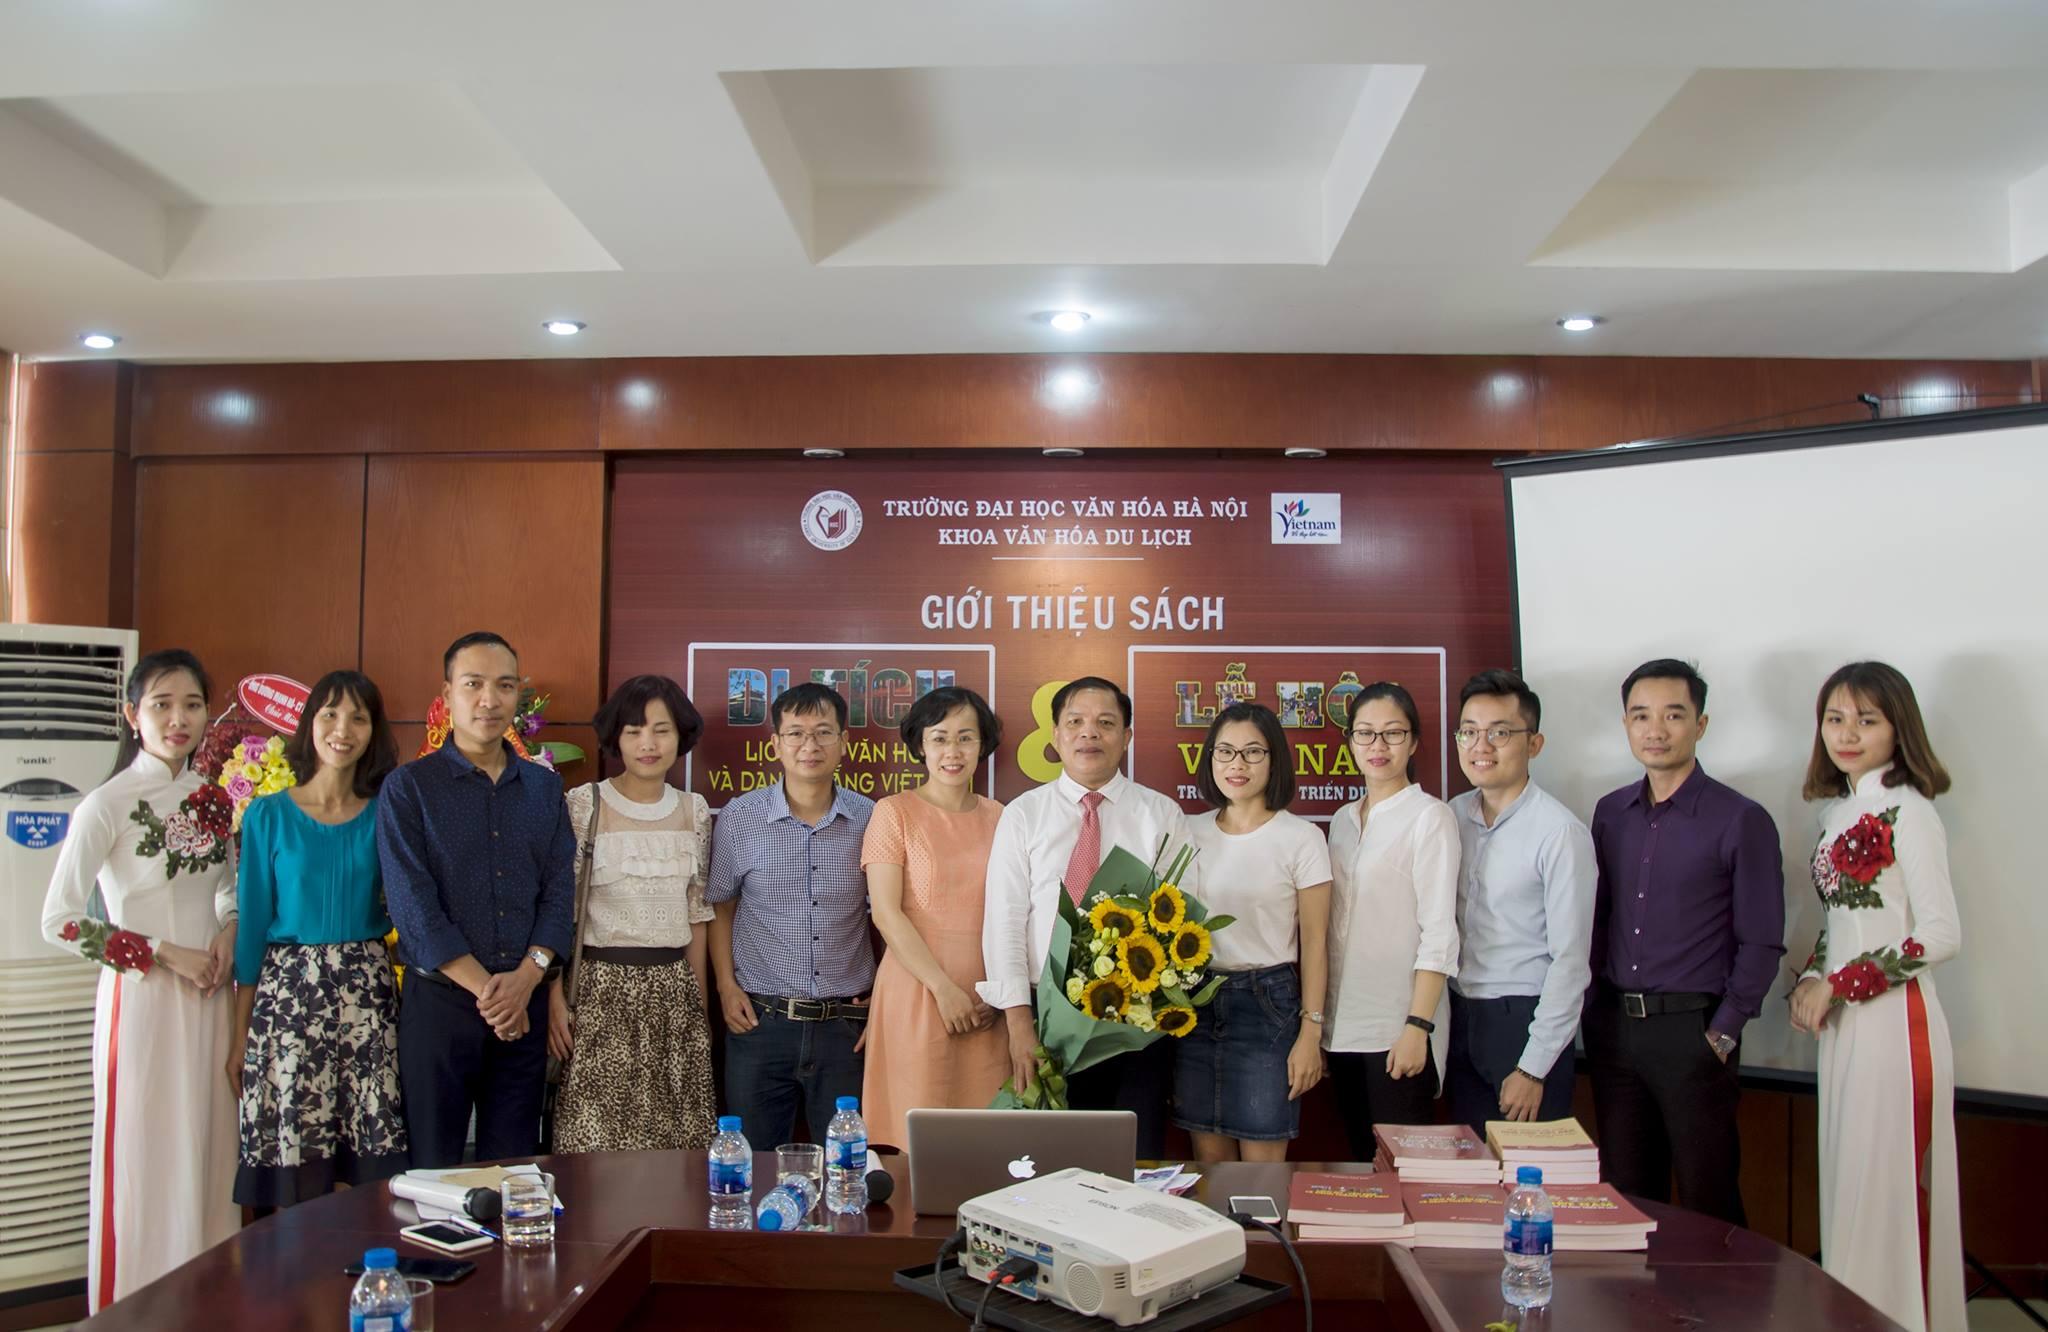 Buổi giới thiệu sách của PGS. TS. Dương Văn Sáu